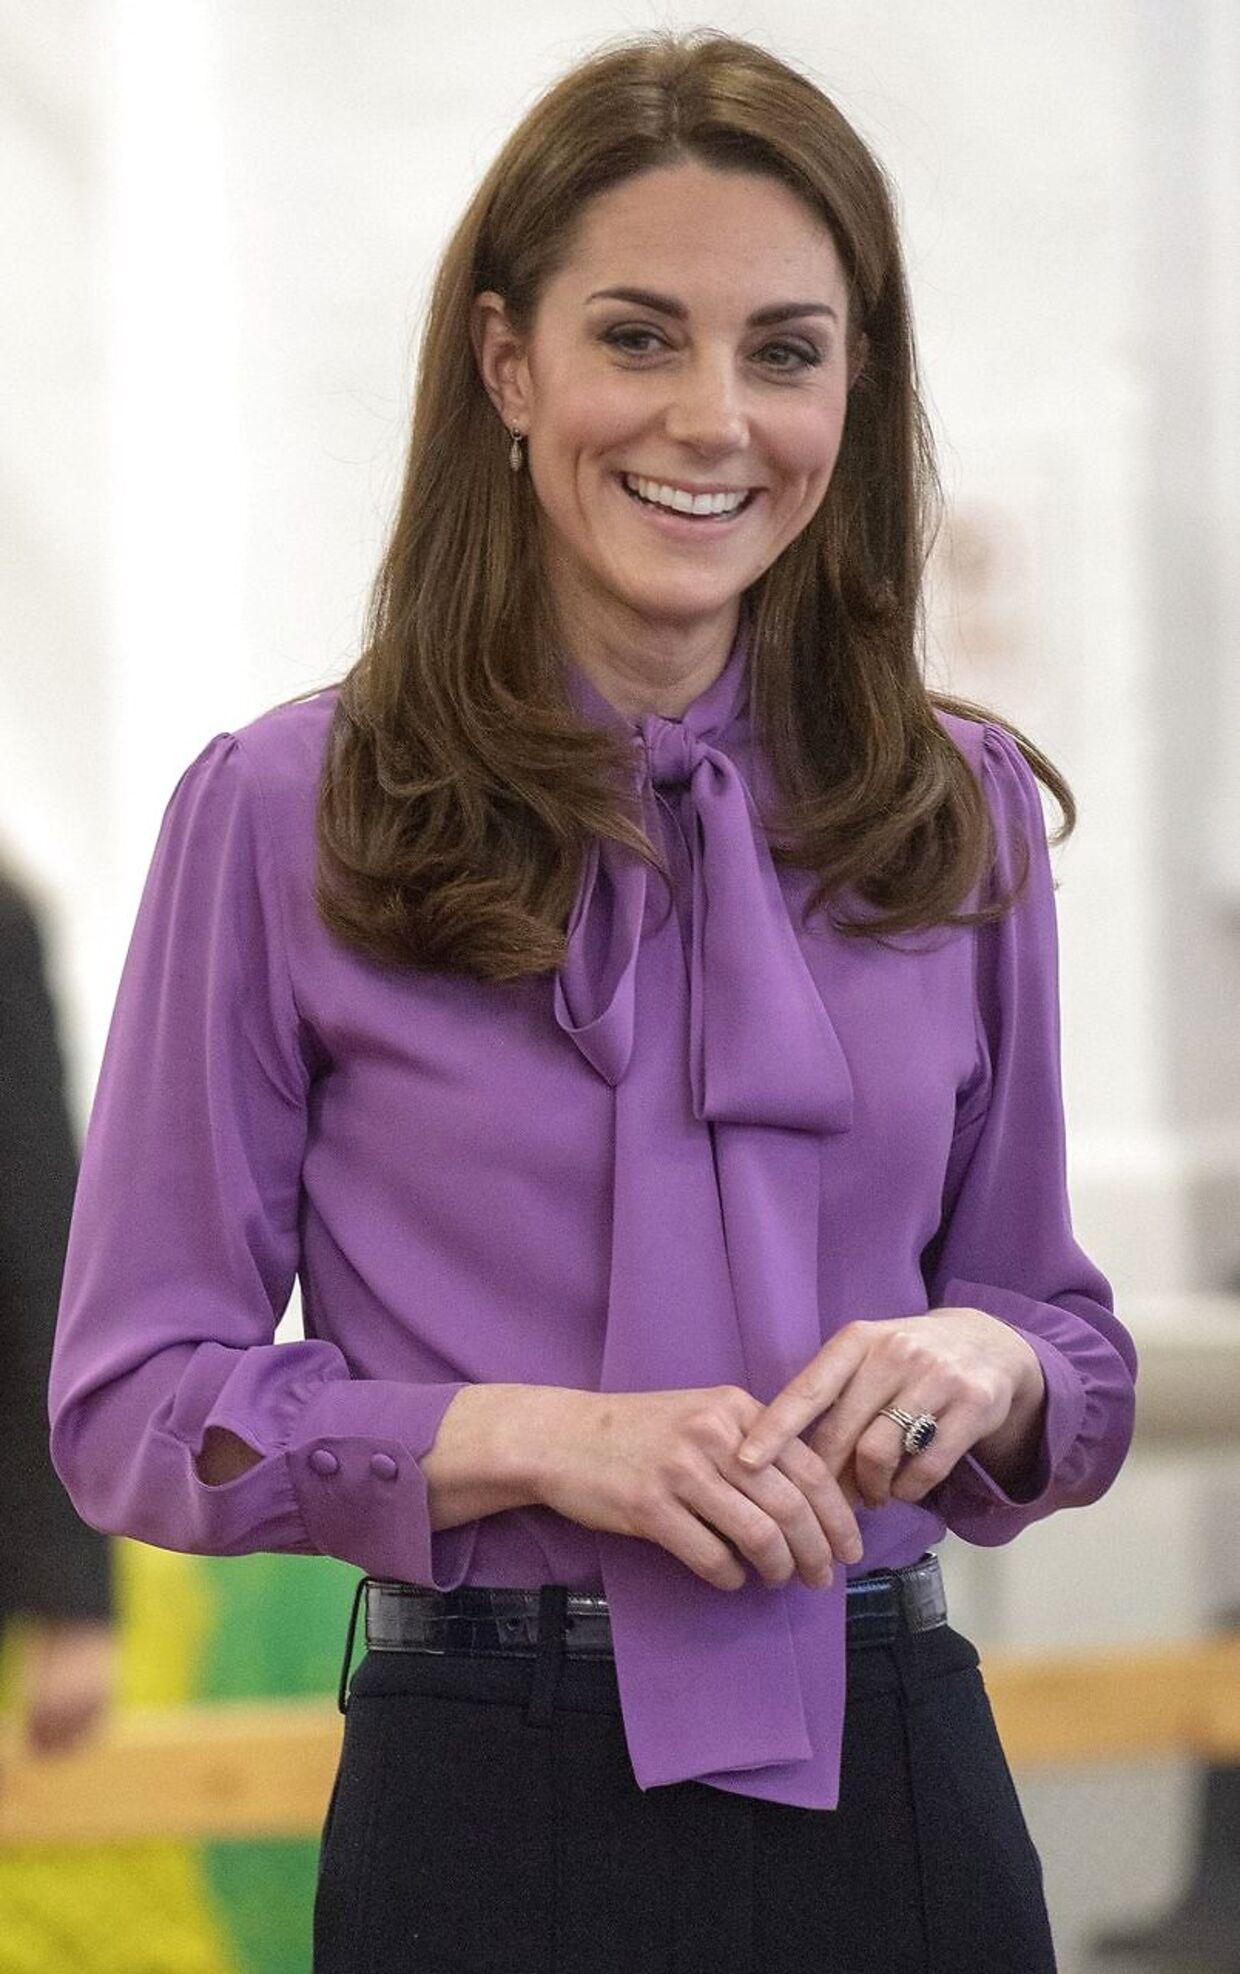 Også knapperne på ærmerne afslører, at hertuginden bar blusen modsat af, hvad designeren havde bestemt. (Photo by Arthur Edwards / POOL / AFP)